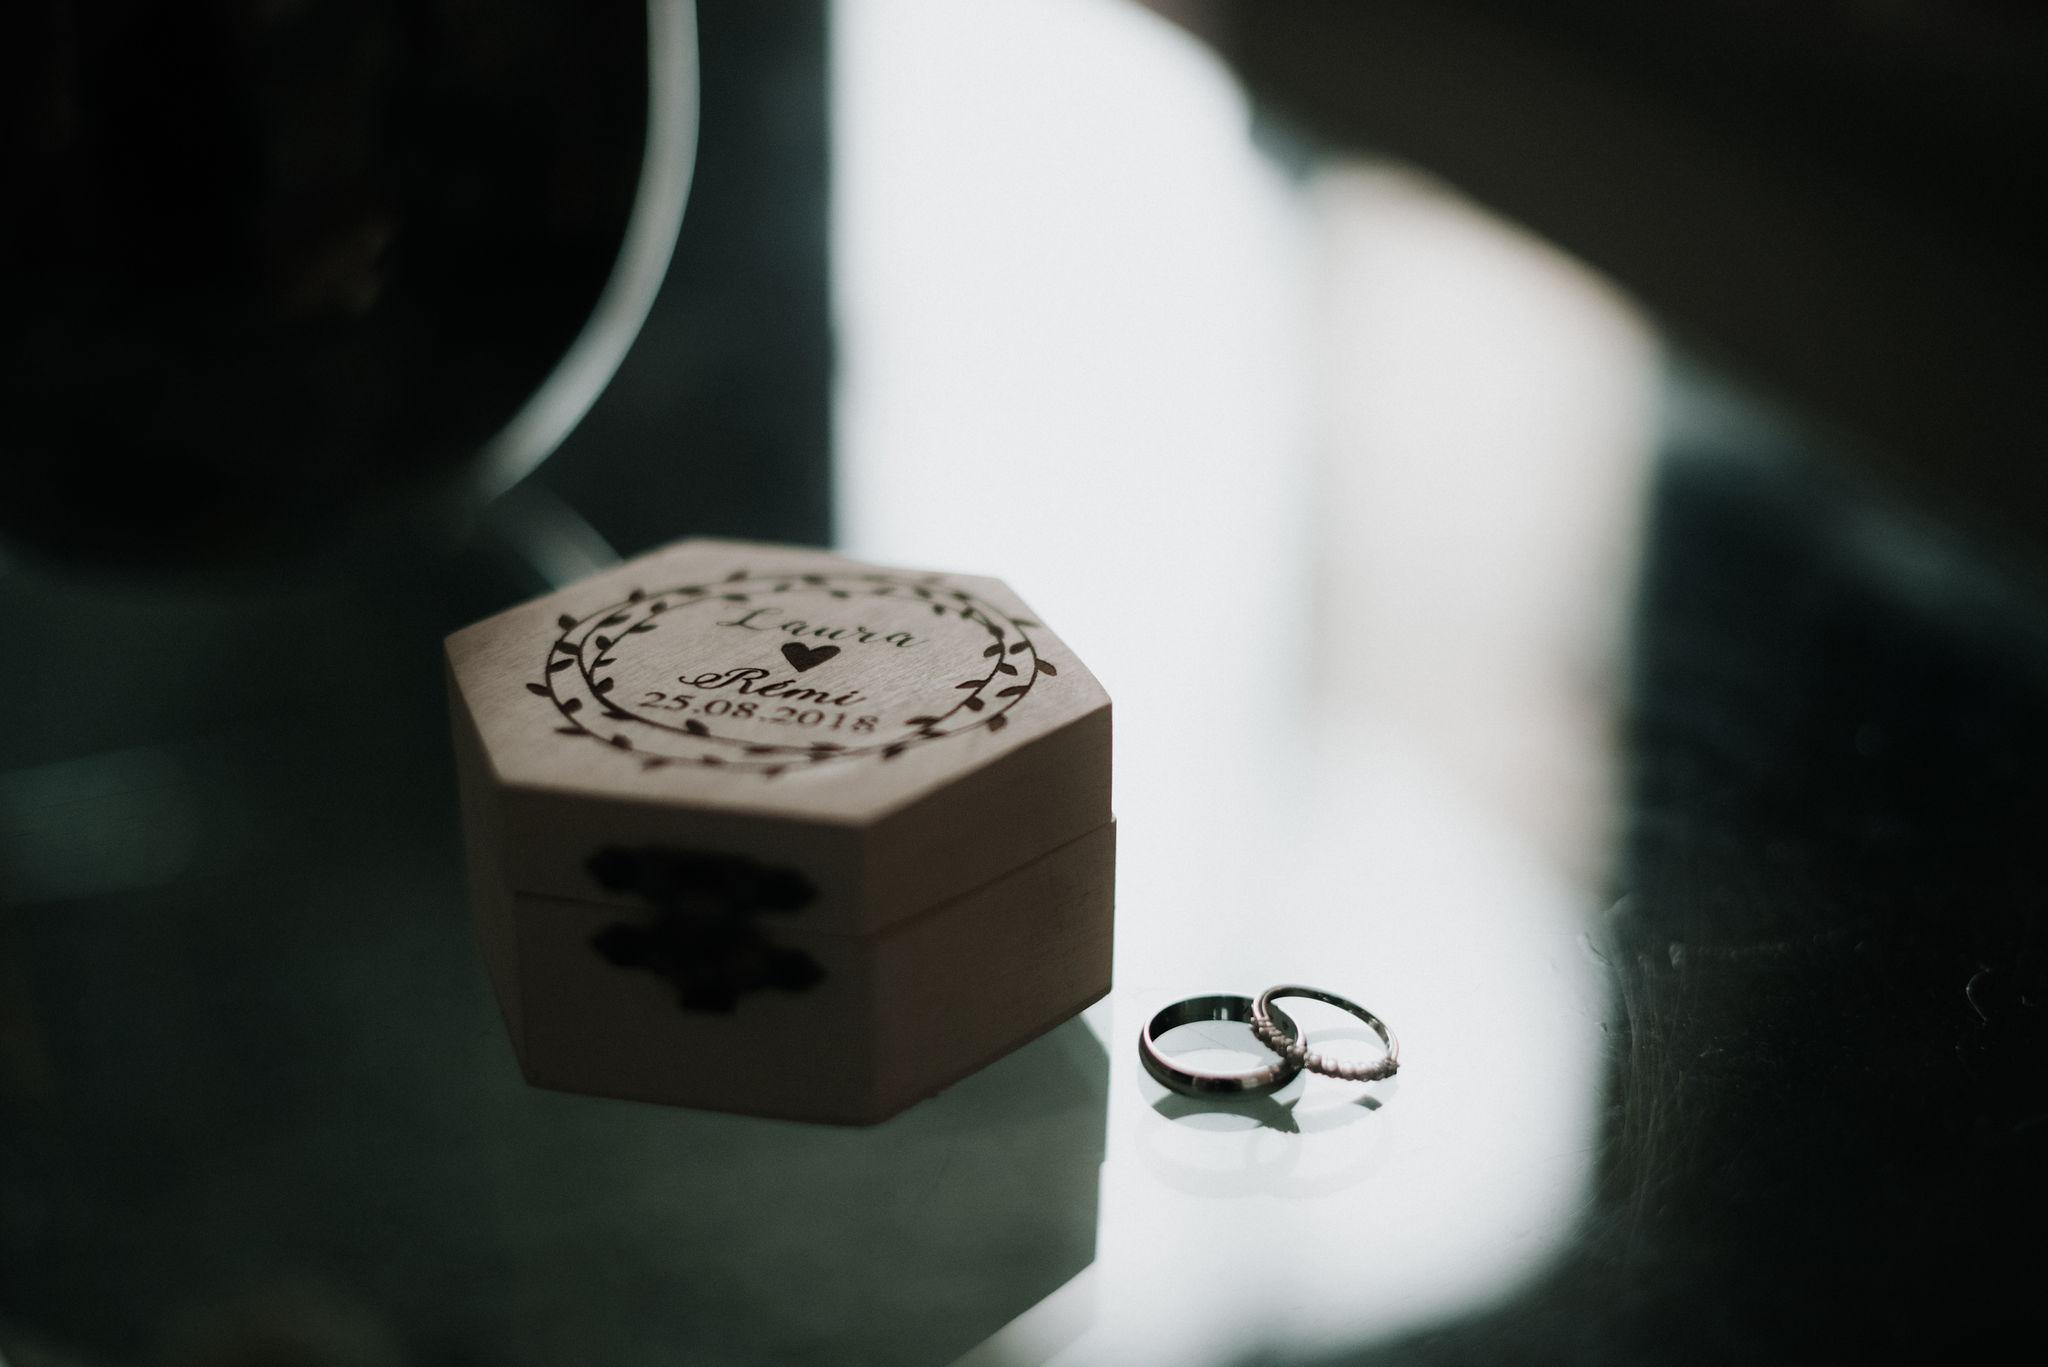 Léa-Fery-photographe-professionnel-lyon-rhone-alpes-portrait-creation-mariage-evenement-evenementiel-famille-5966.jpg